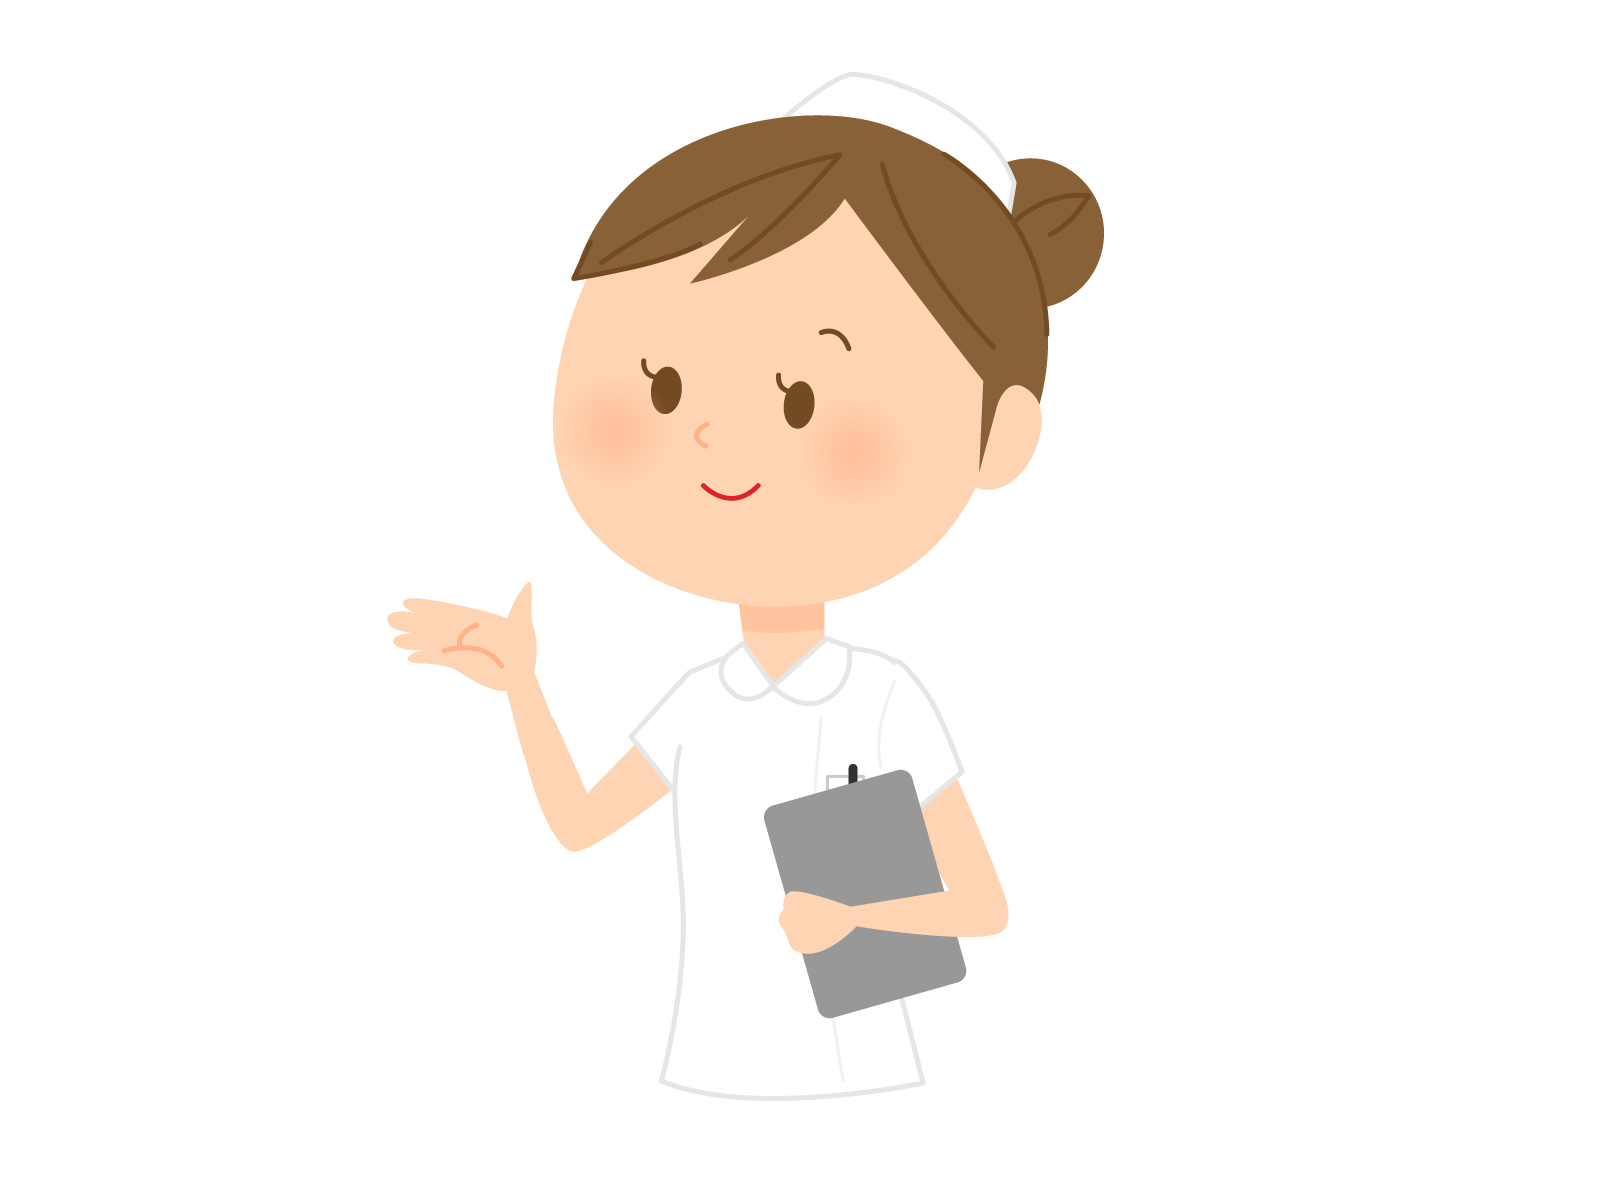 看護師の田森です。